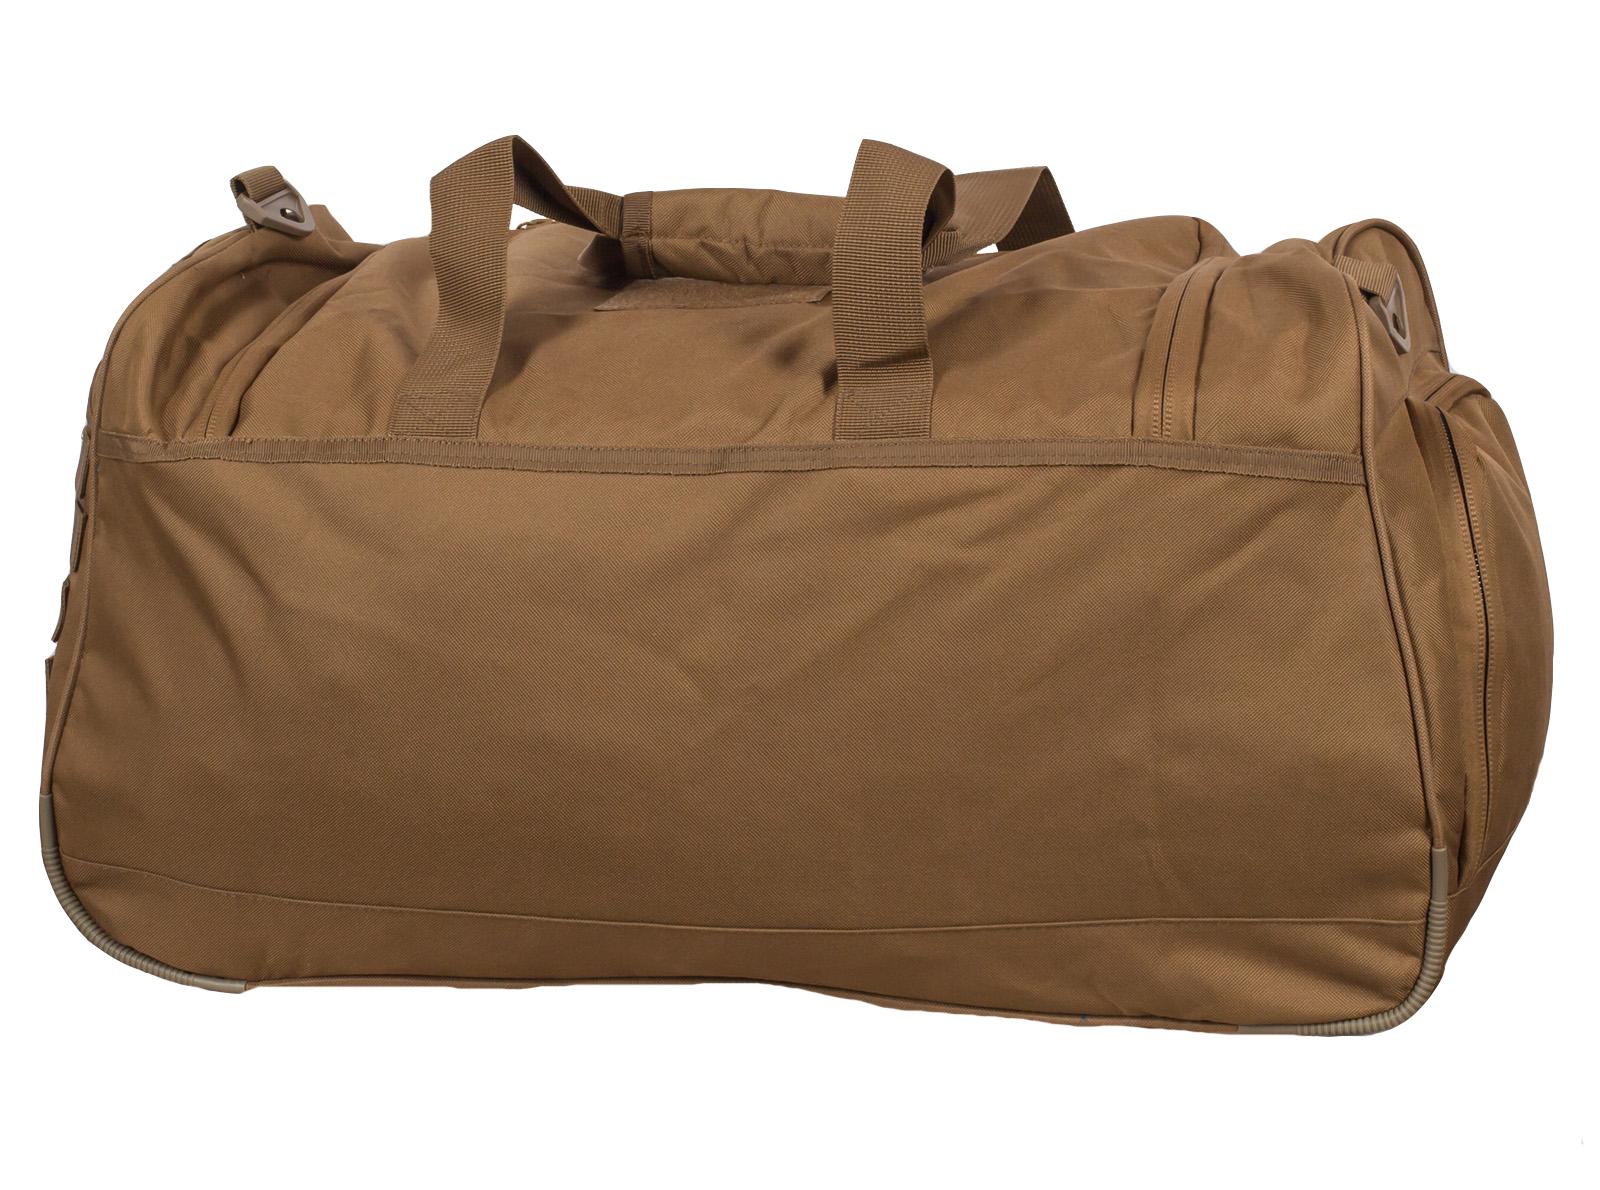 Вместительная походная сумка 08032B Coyote ФСО